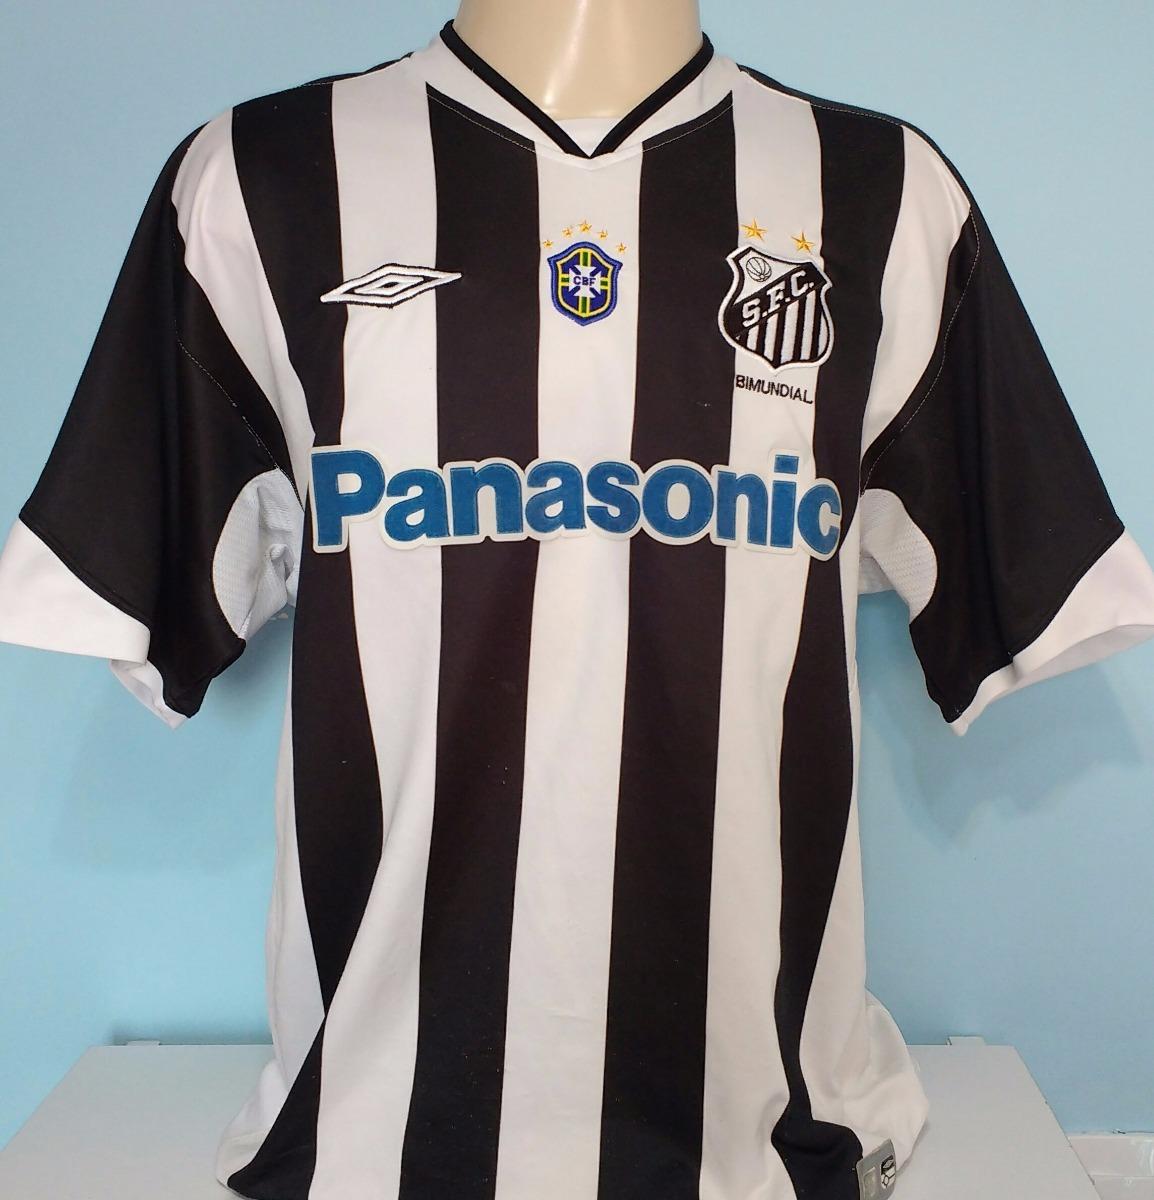 b81c2dbb4e camisa santos umbro original patch cbf panasonic 2005 - 78. Carregando zoom.